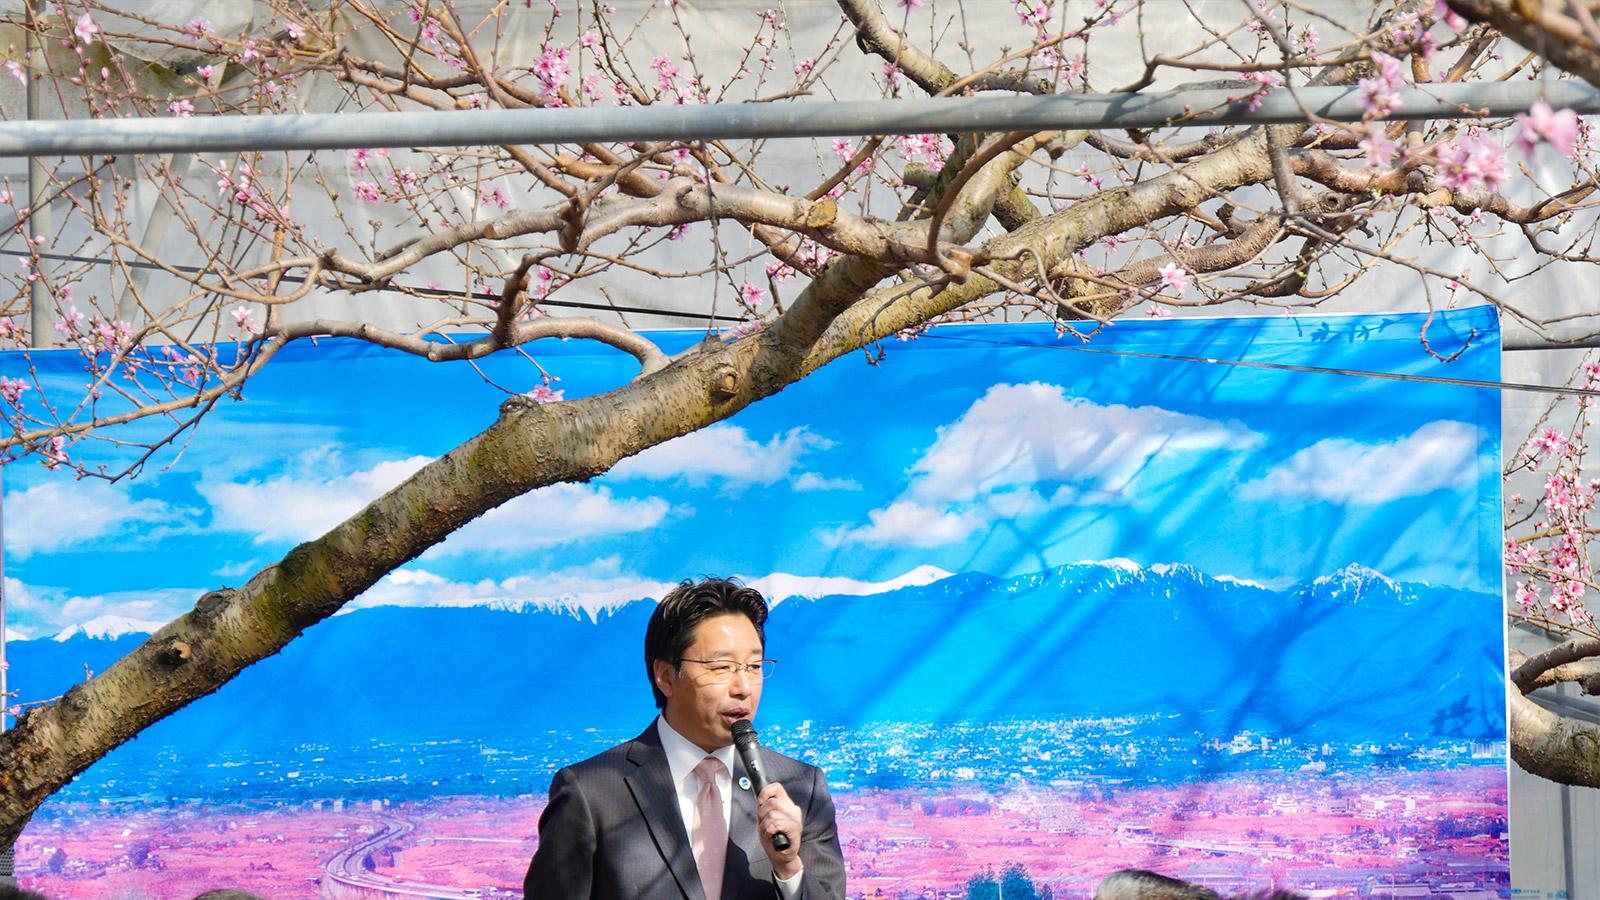 山下市長からも、河野さんや地元農家、関係者の皆様へ労いの言葉もありました。